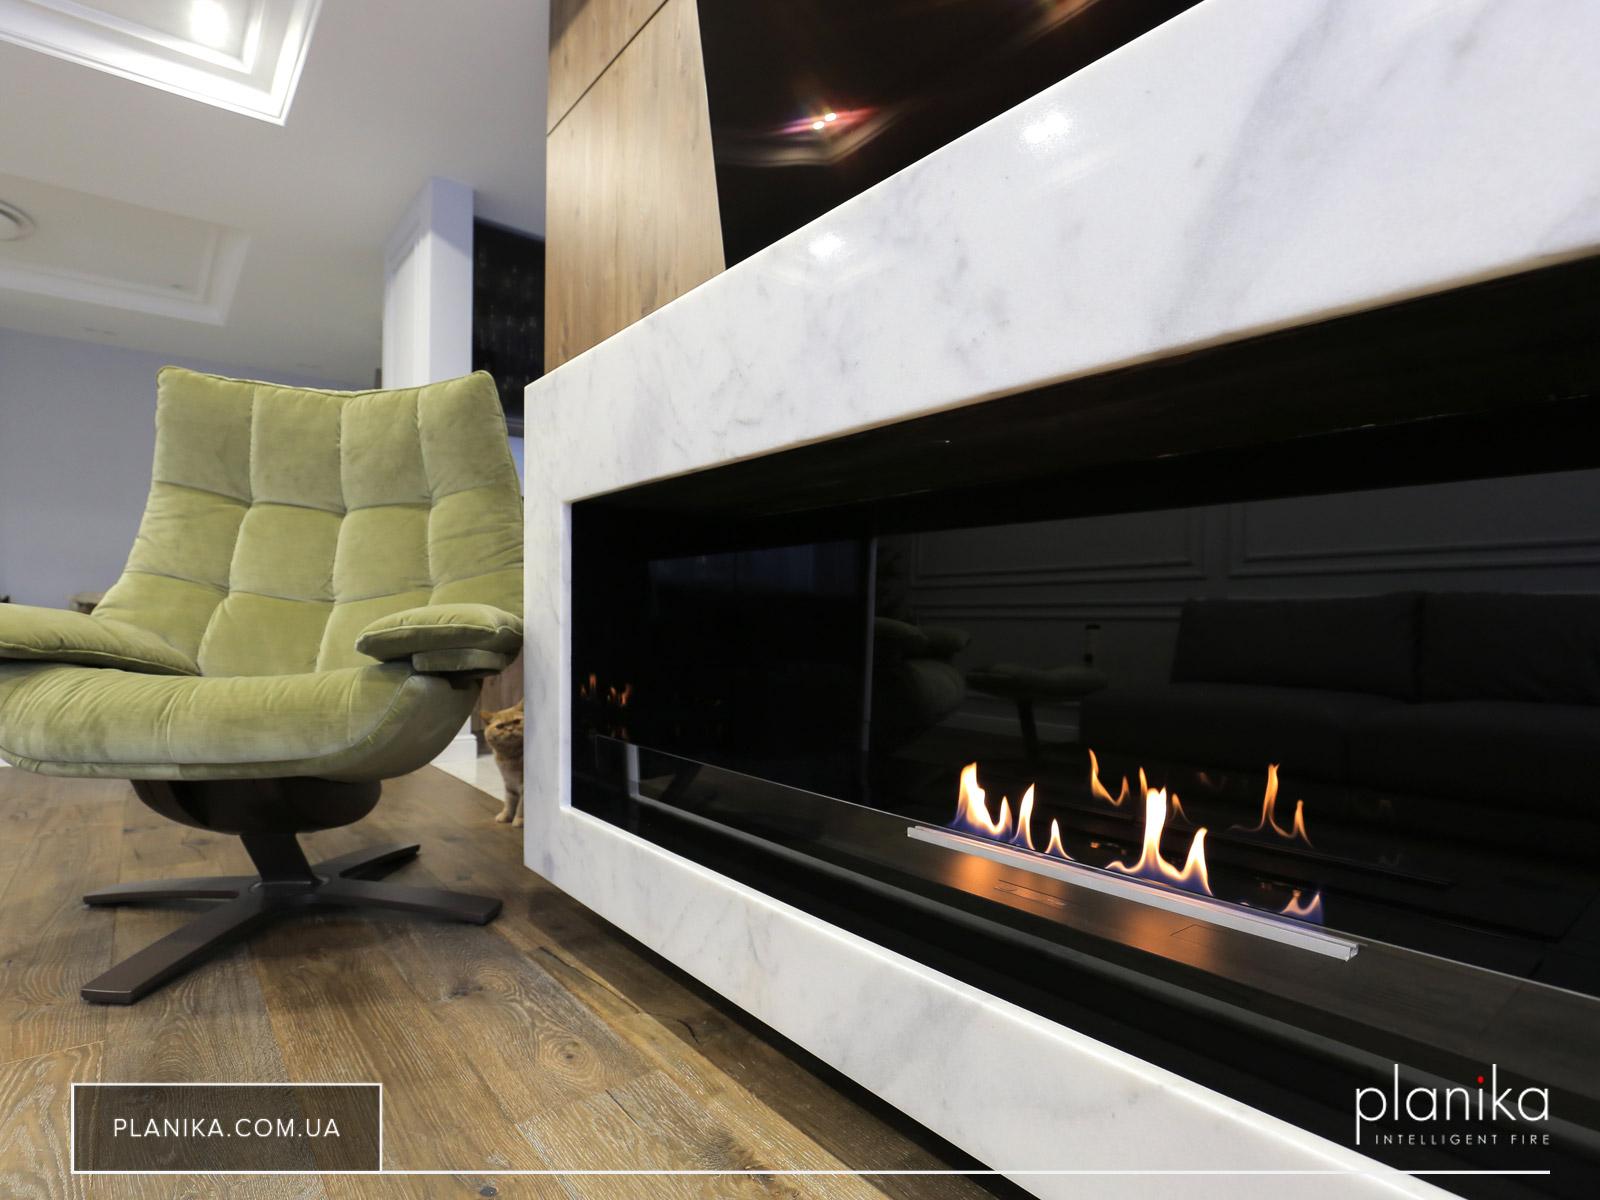 Традиция зажигать огни — биокамин Planika Primefire в гостиной